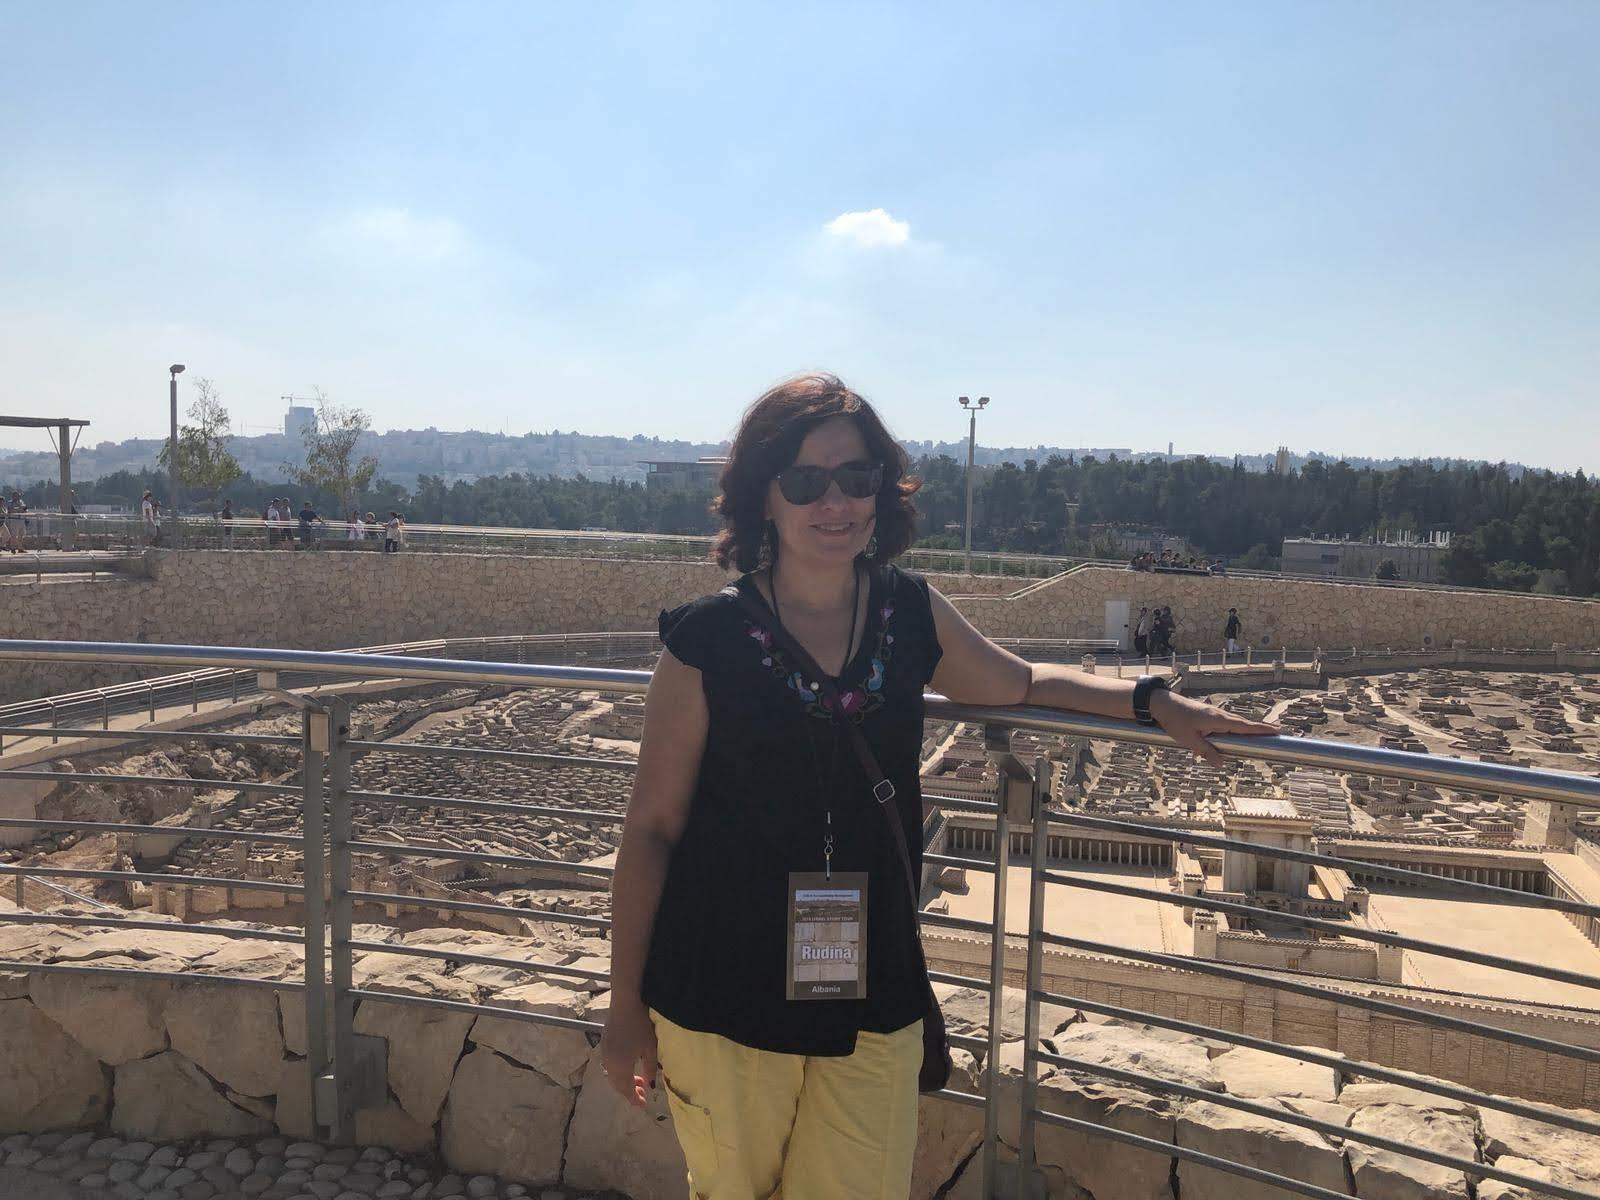 Jeruzalem, qyteti i paqes: Dita e pare